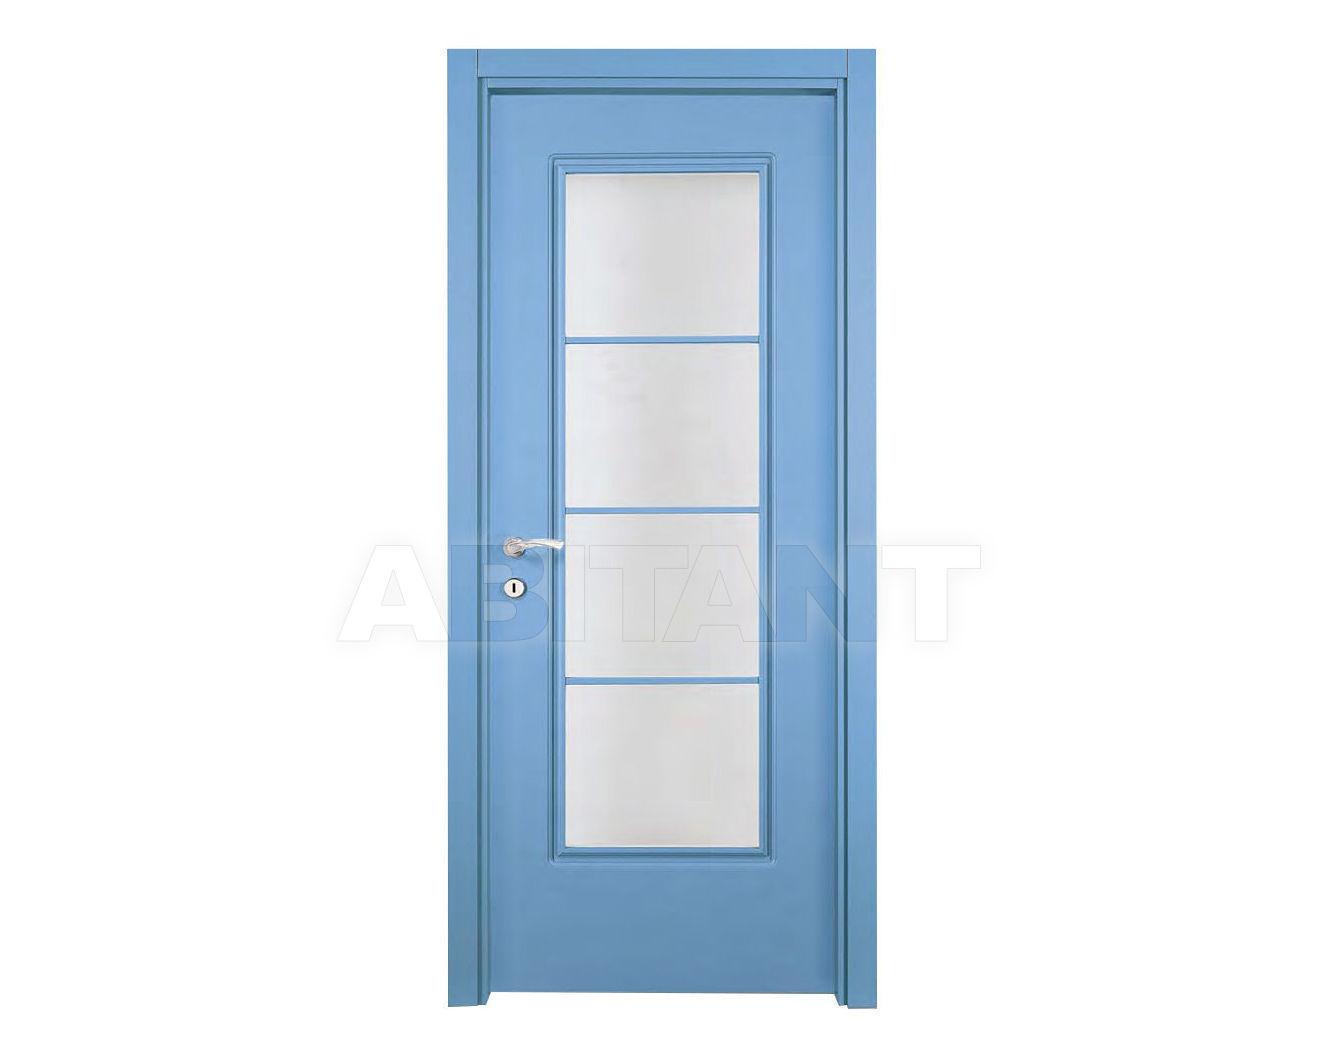 Купить Дверь деревянная Fioravazzi Pantografate ARIANNA 4  TRAVERSINI